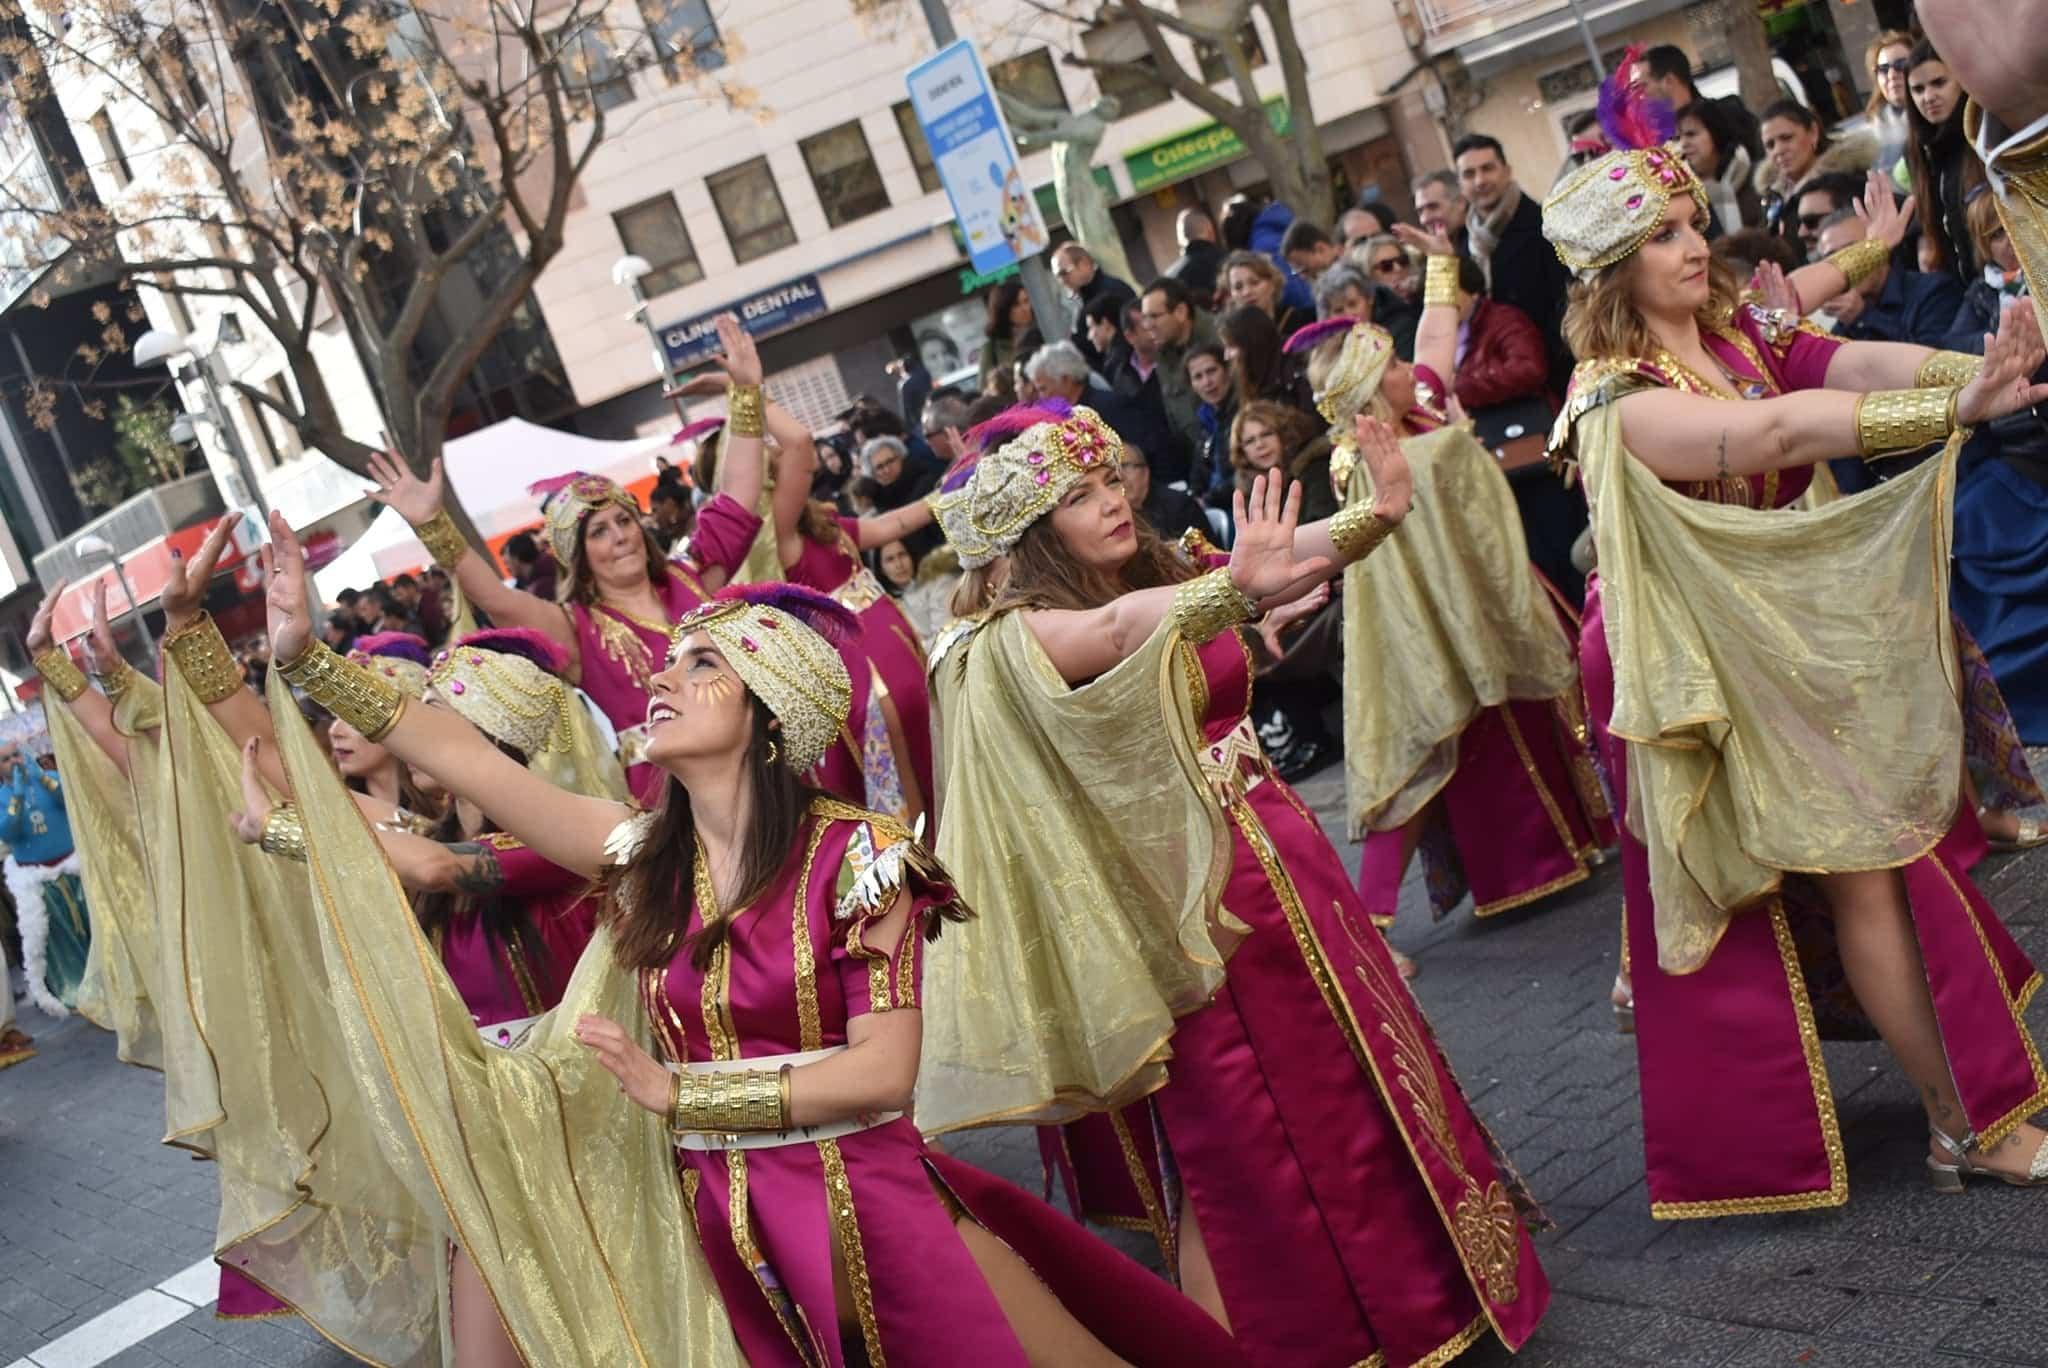 Carnaval de ciudad real 2020 axonsou arlequin oro herencia 4 - Axonsou se lleva el Arlequín de Oro en Ciudad Real